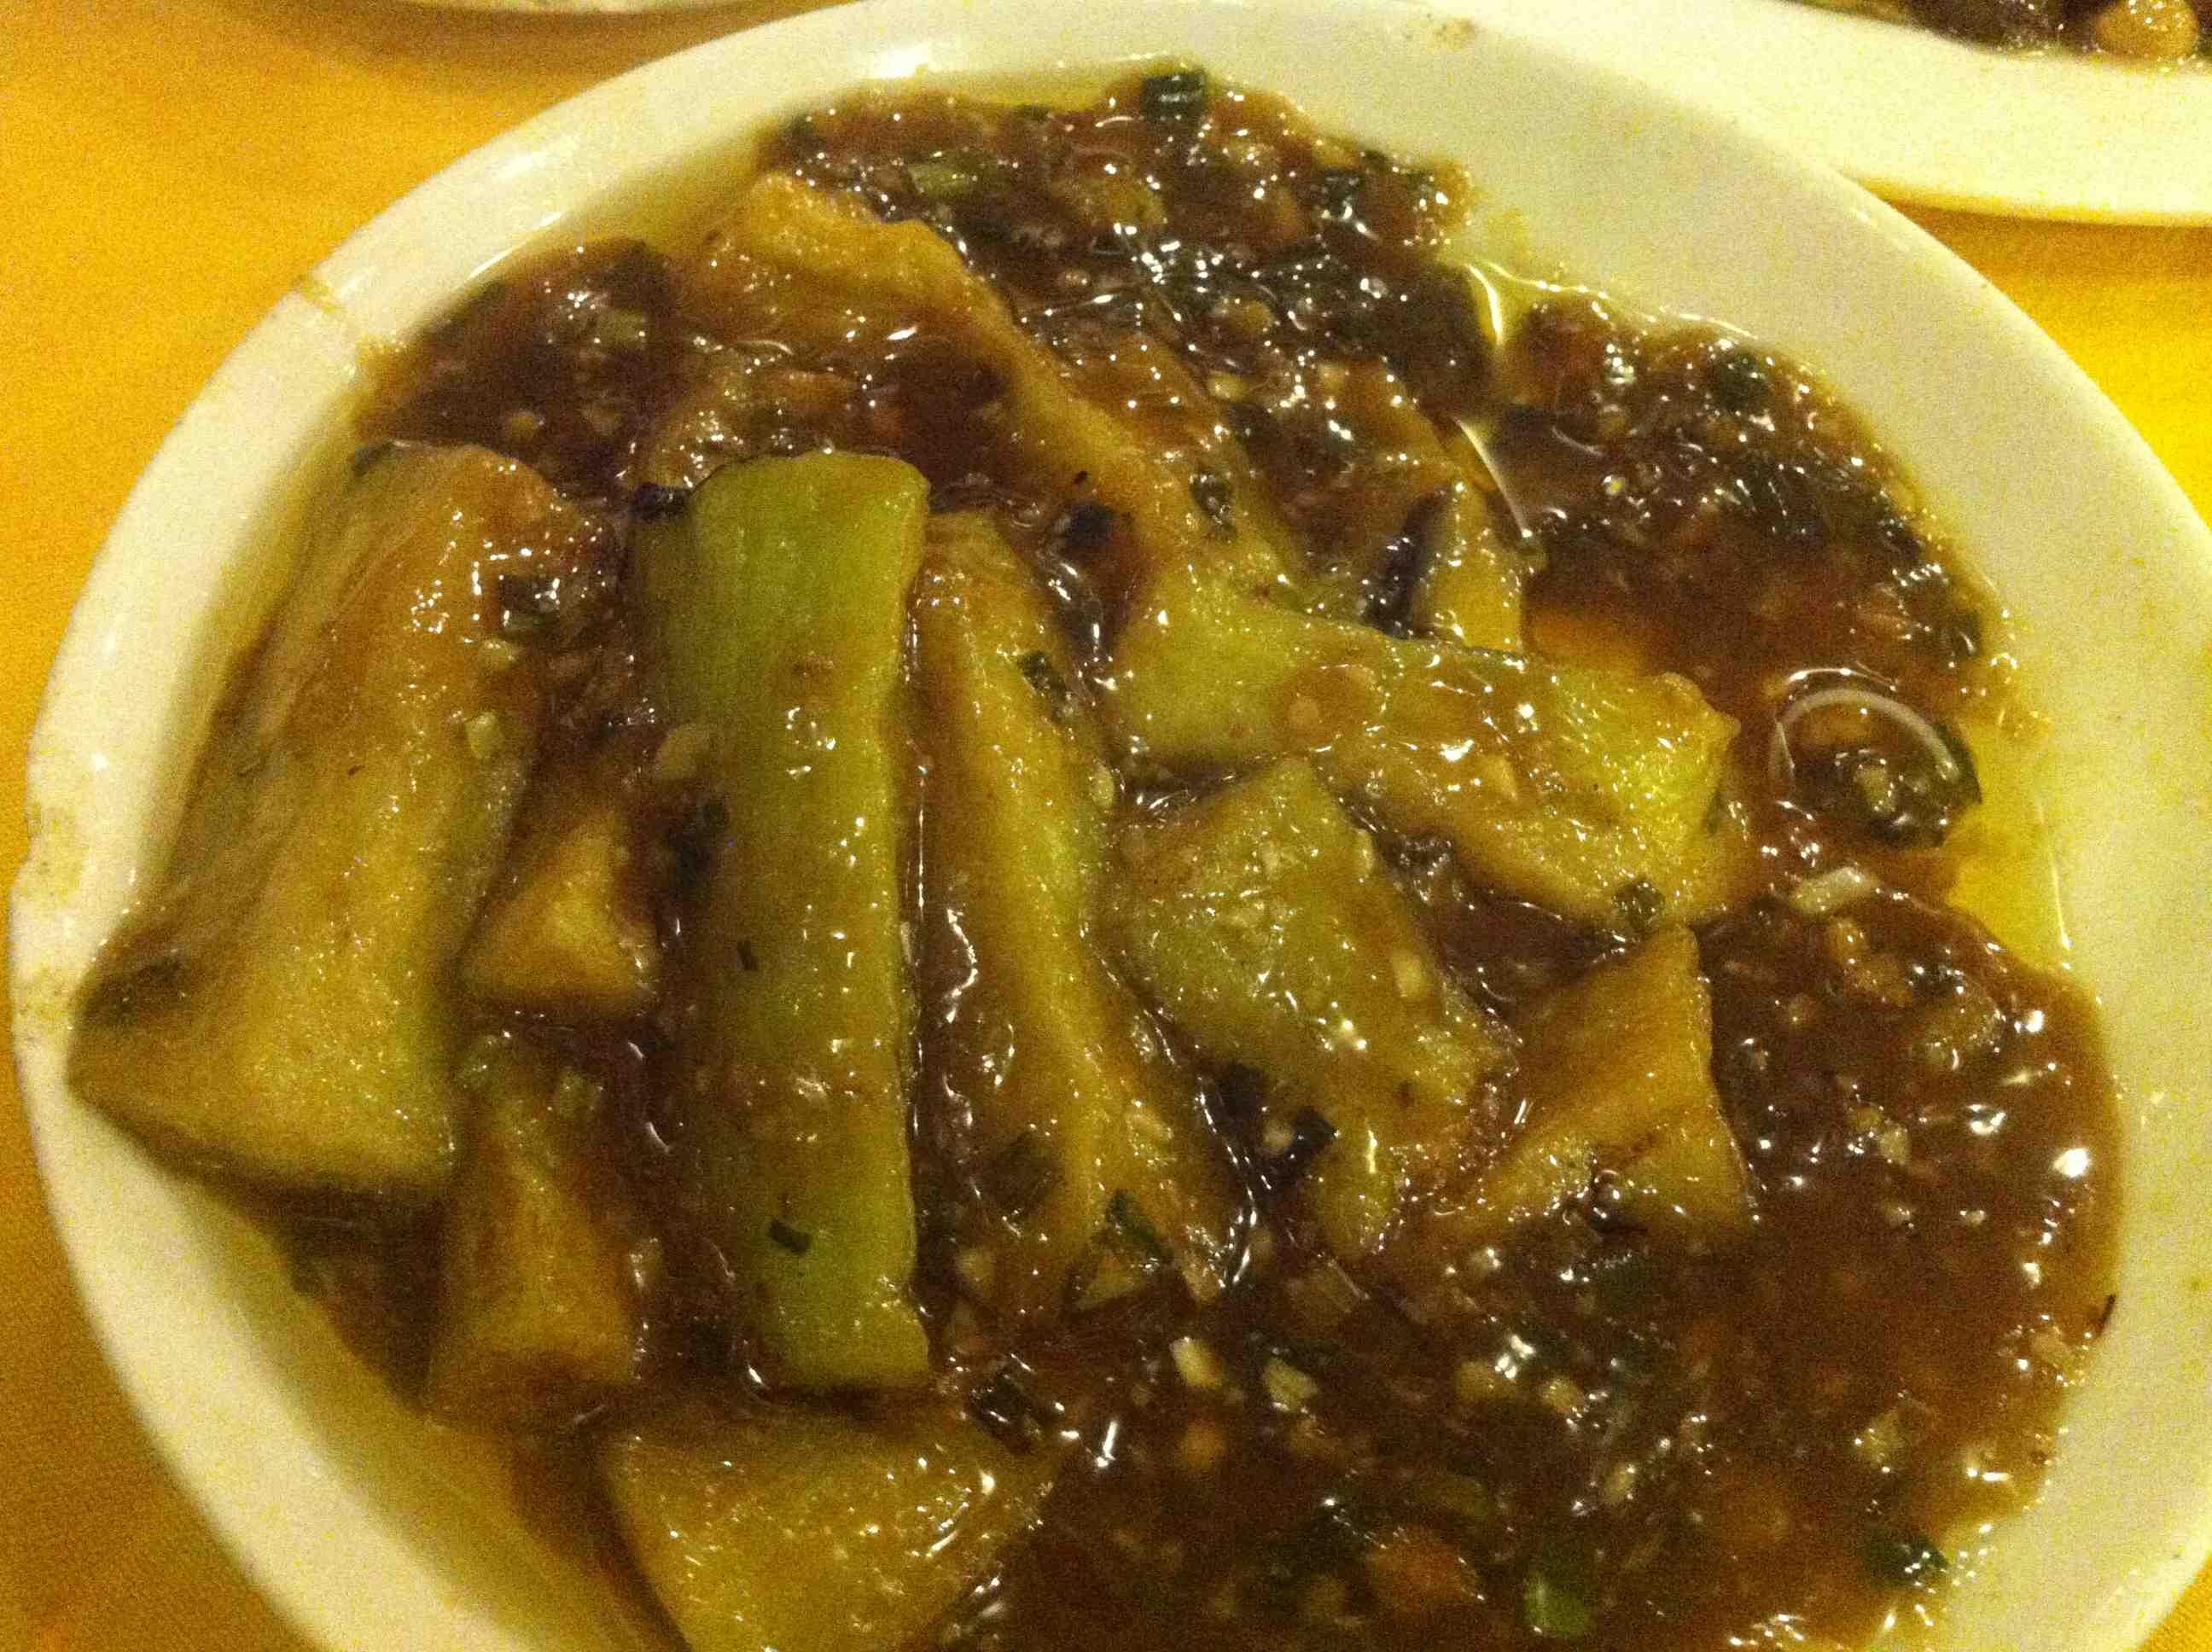 Jie Zi - die Melanzani mit (angeblichem) Fischgeschmack